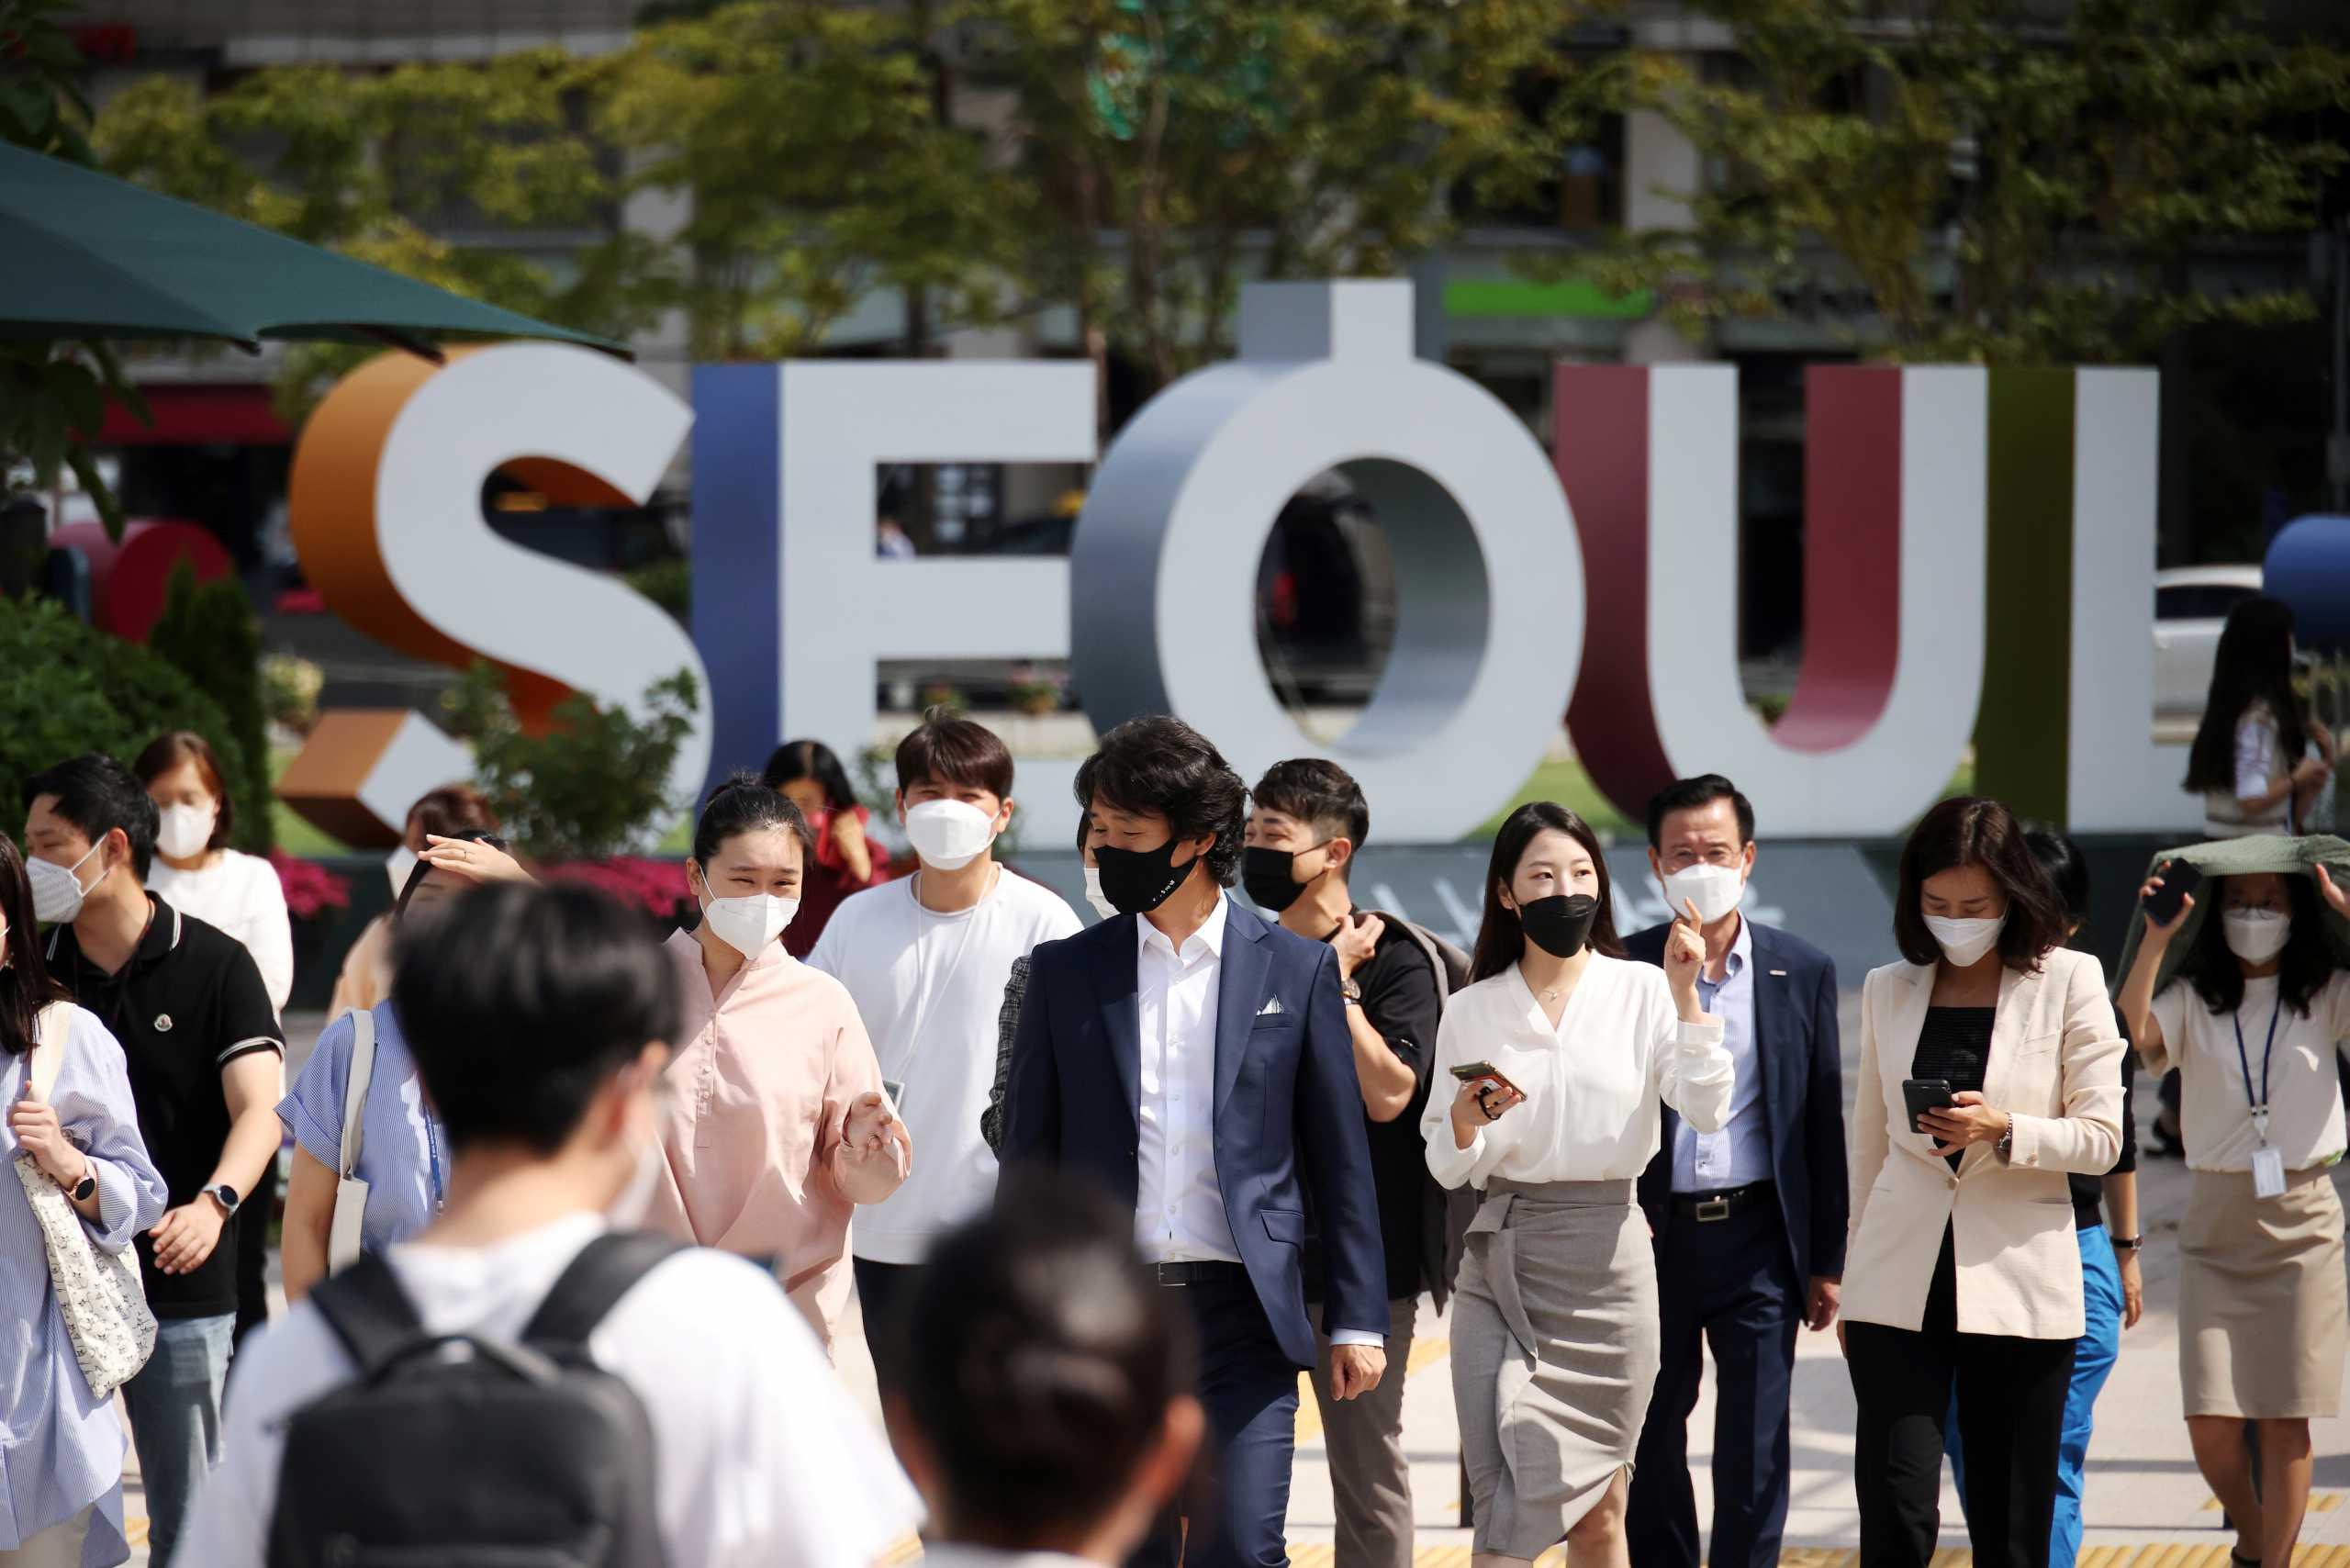 Νότια Κορέα: Νέο ρεκόρ με πάνω από 3.200 κρούσματα κορονοϊού